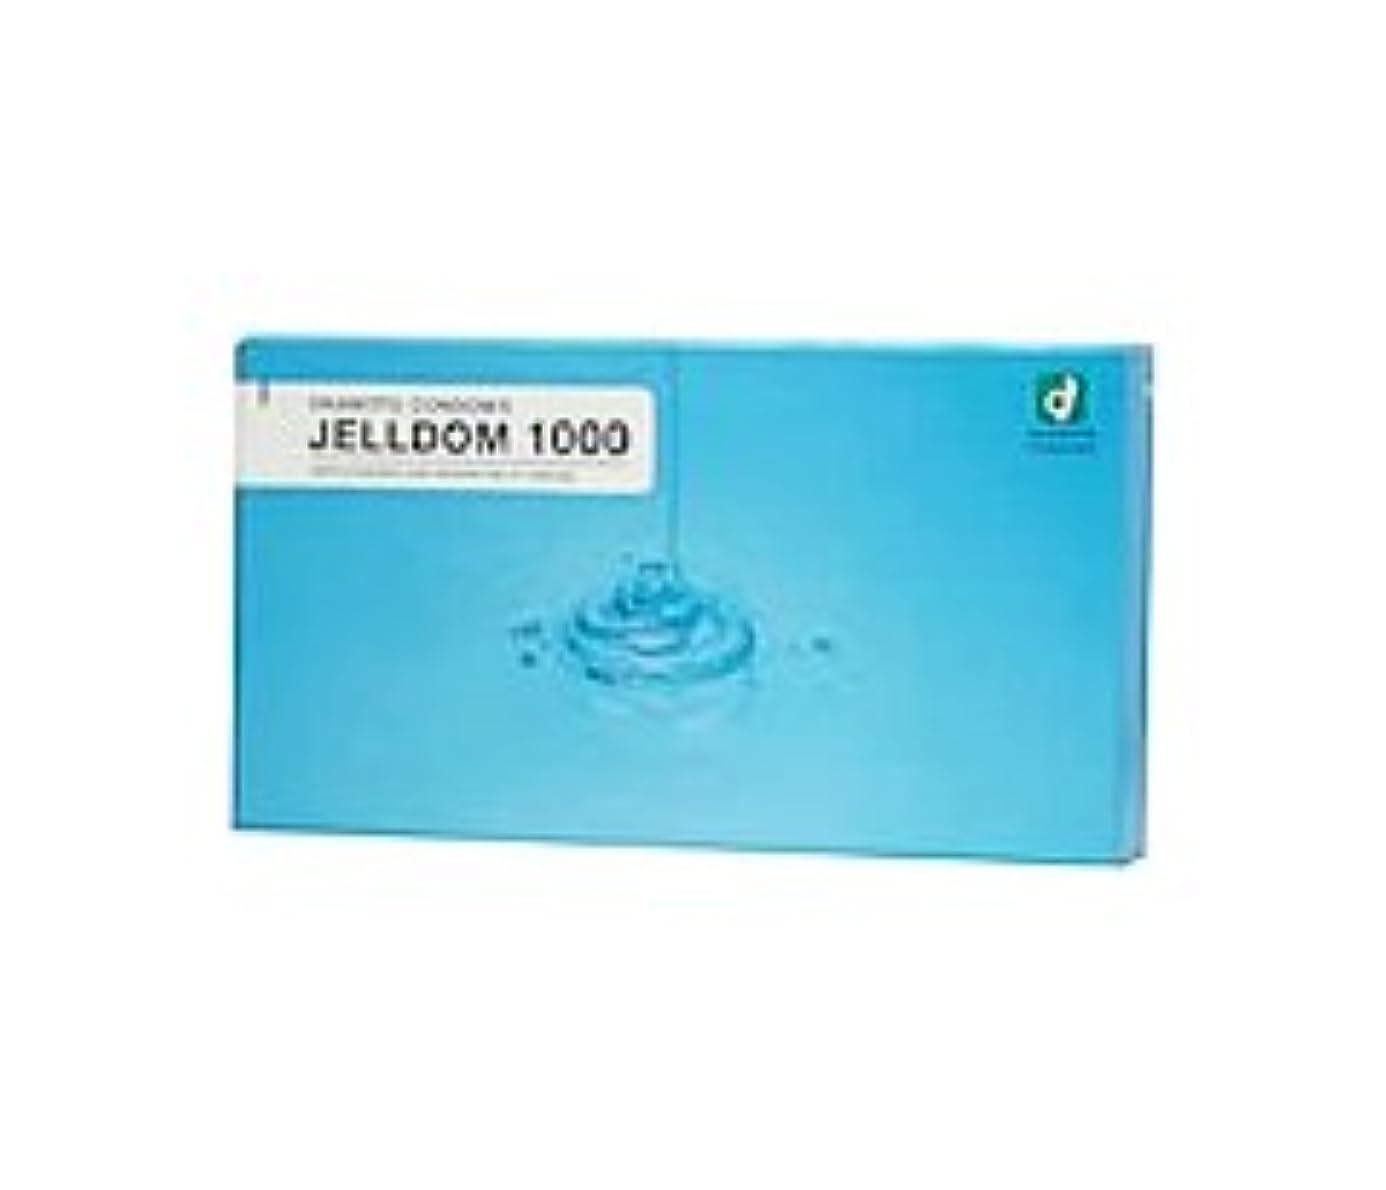 省略注釈を付ける鎮痛剤ジェルドーム1000 コンドーム 12個入り×2箱セット  オカモト